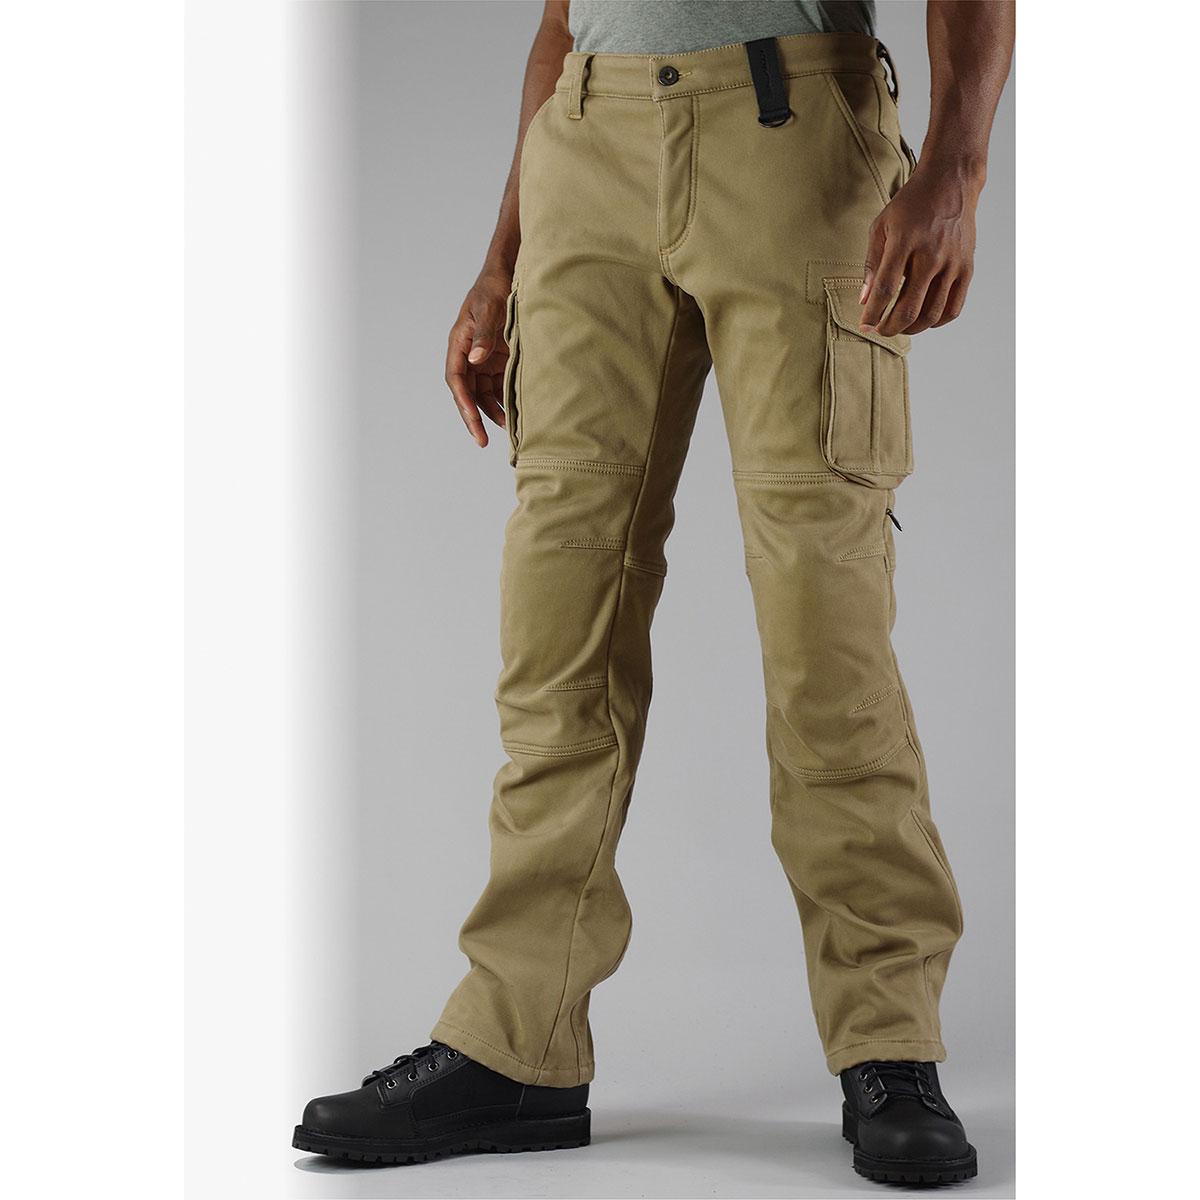 コミネ (Komine) バイク用 パンツ Pants PK-919 ウインドプルーフウォームカーゴパンツ ベージュ 2XLサイズ 07-919/BE/2XL